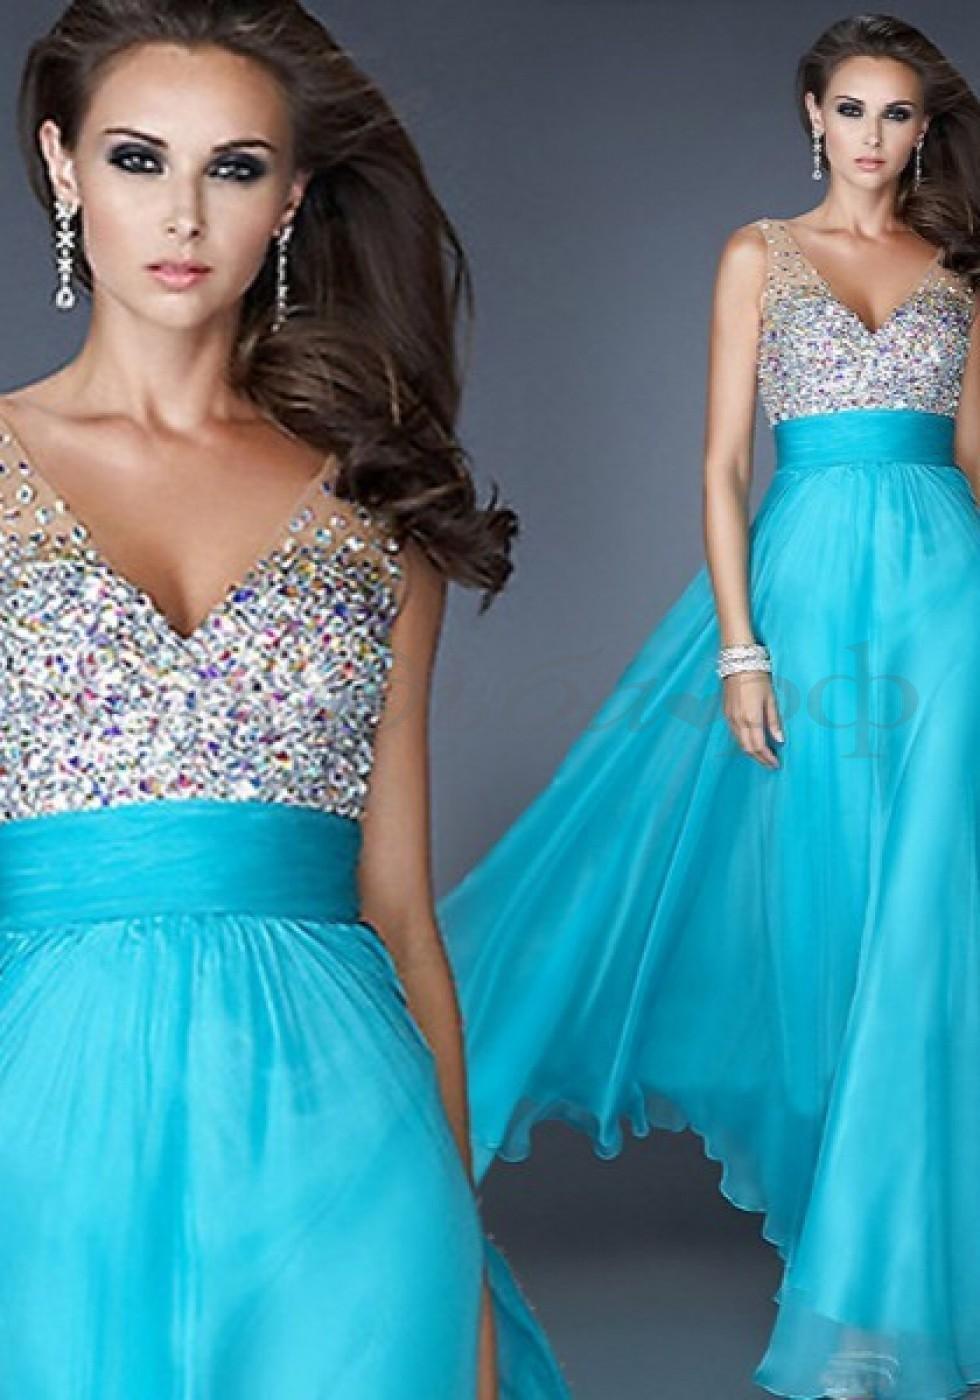 красивые вечерние платья фото на свадьбу важно, чтобы ткань